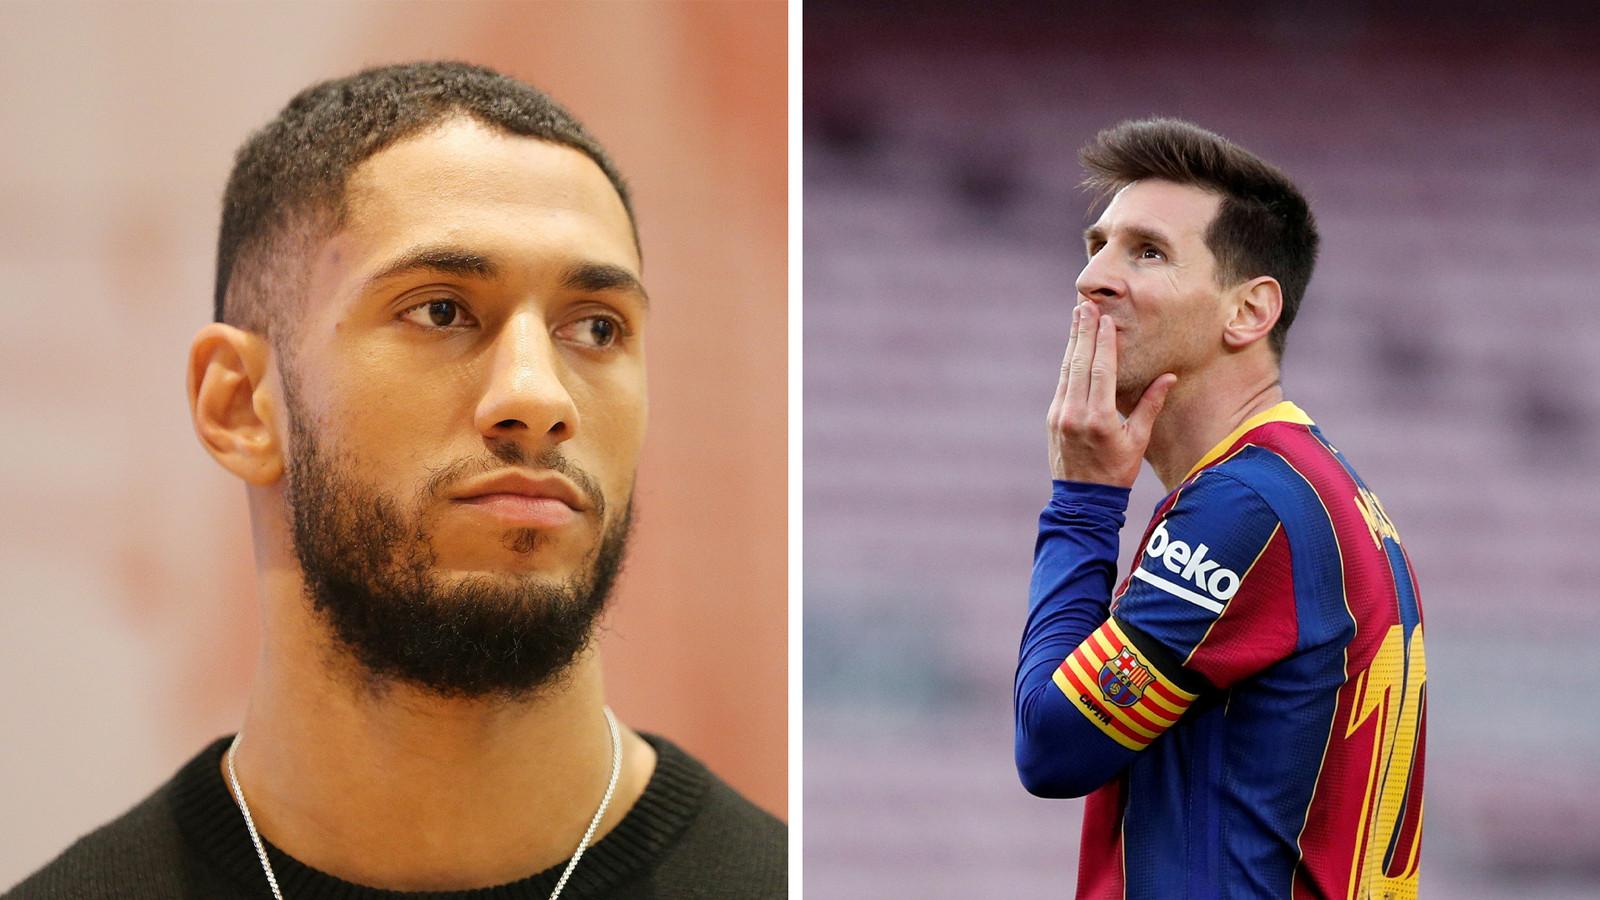 Tony Yoka et Lionel Messi.